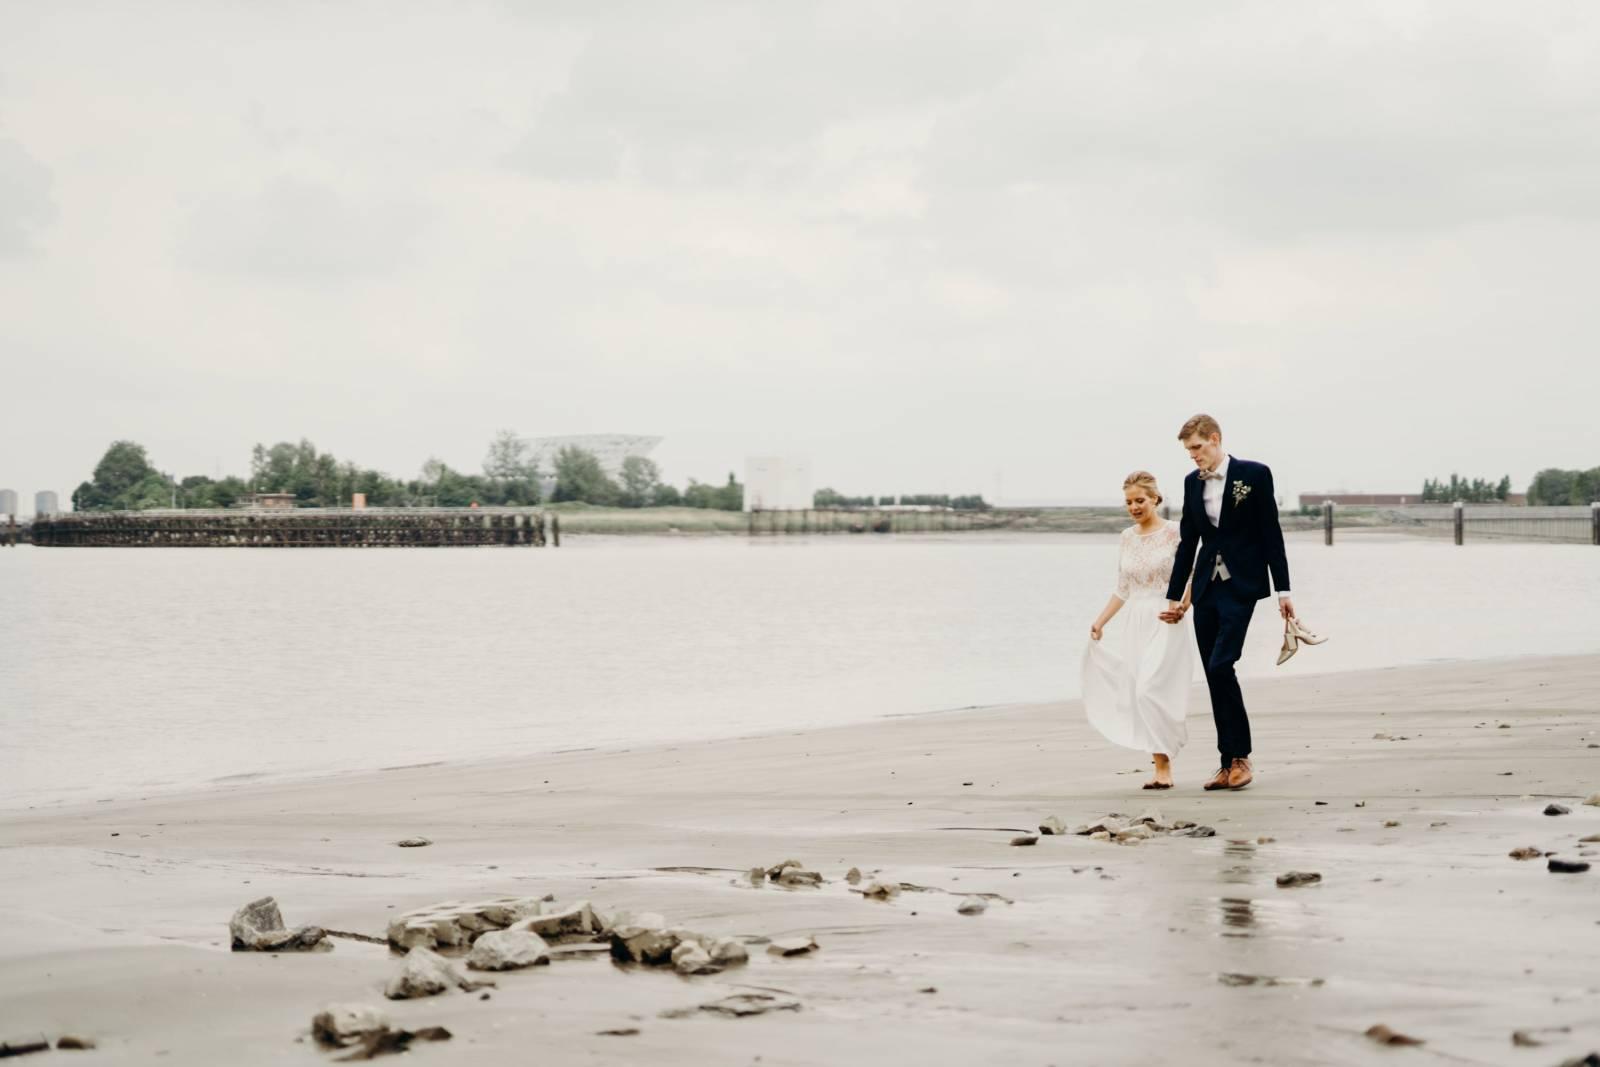 Frankie and Fish - Trouwfotograaf - Huwelijksfotograaf - Bruidsfotograaf - House of Weddings - 22